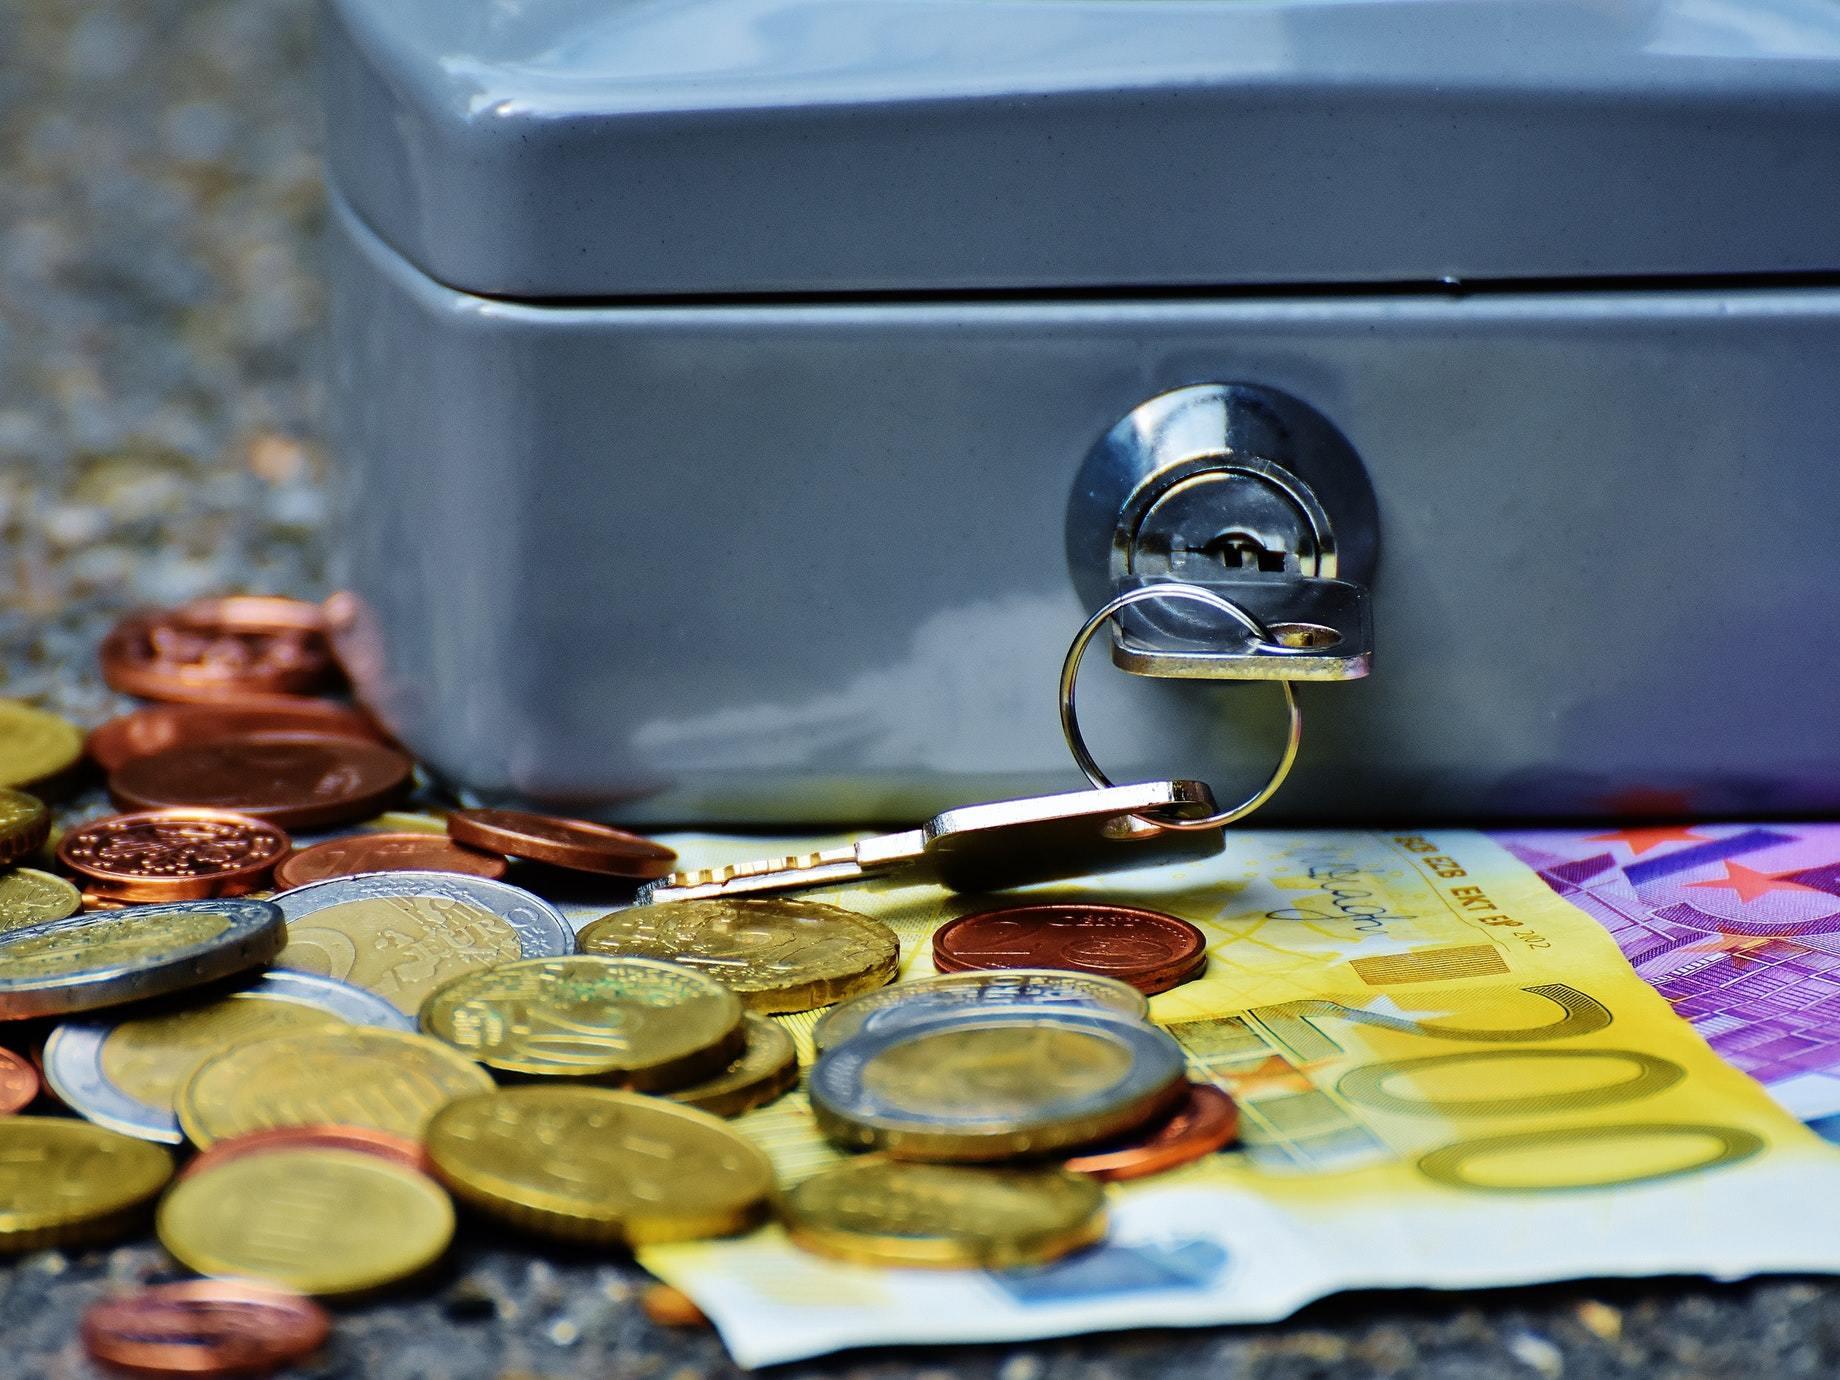 當全世界都在學操作消費心理,讓顧客衝動消費 《金錢心理學》帶你抵抗非理性,成為金錢的主宰